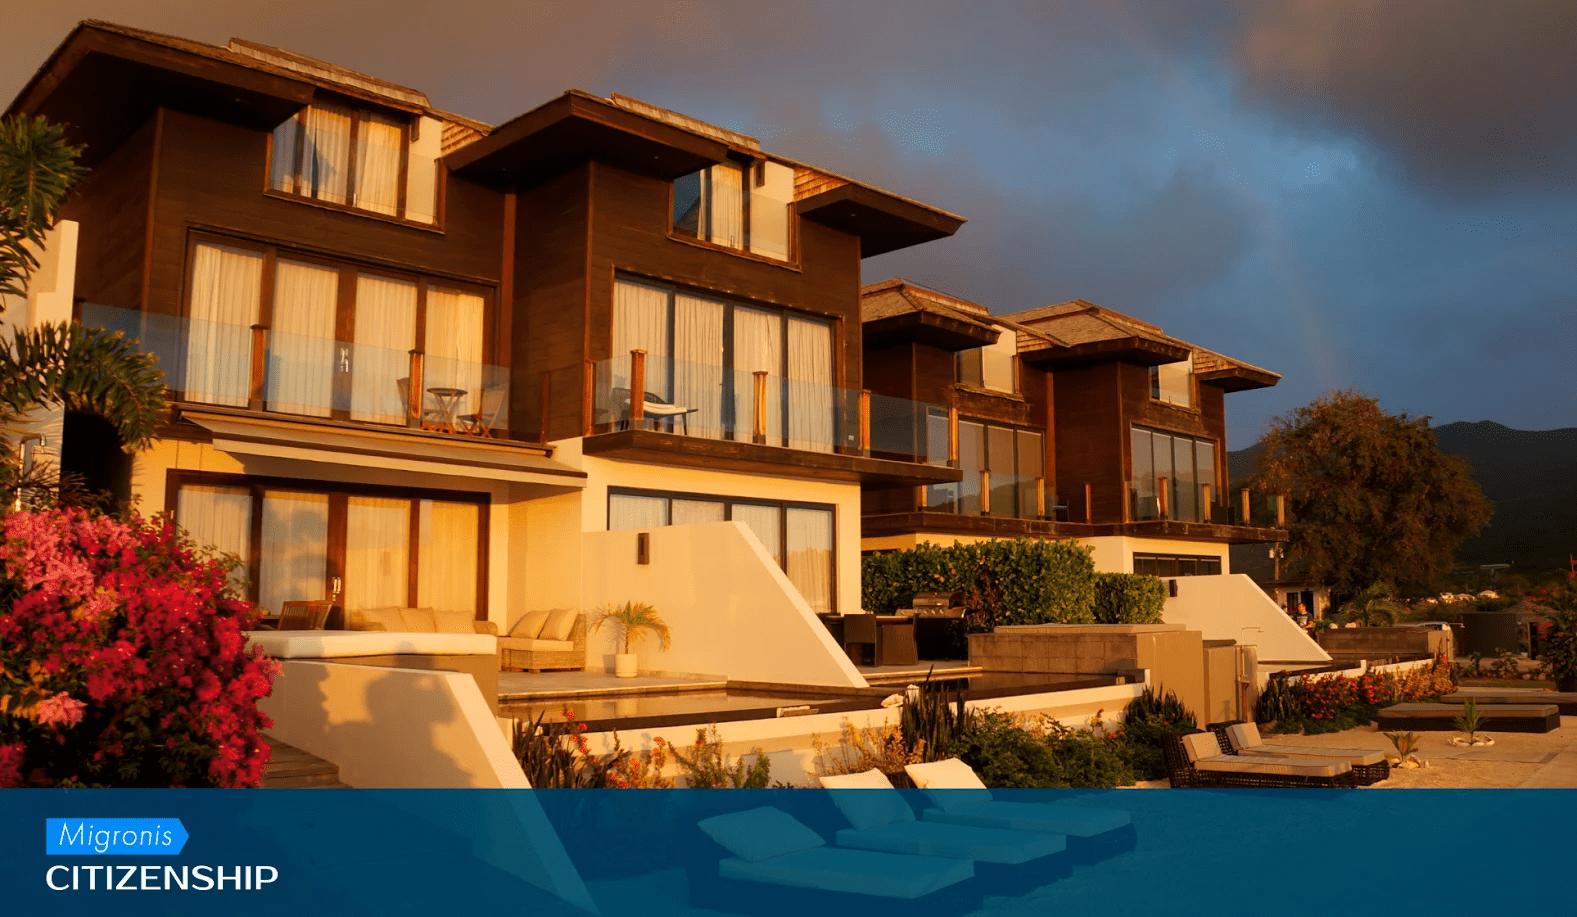 Недвижимость на Антигуа и Барбуде: как стать соседом Джорджио Армани и получить второе гражданство? | Migronis